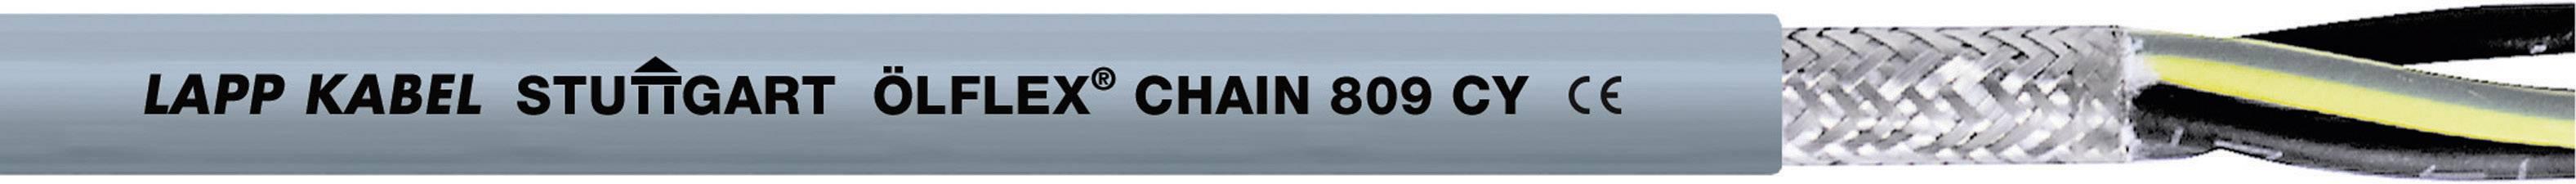 Žíla kabelu LappKabel ÖLFLEX CHAIN 809 CY 3G0,75 (1026760), 3x 0,75 mm², PVC, Ø 6,6 mm, stíněný, 100 m, šedá